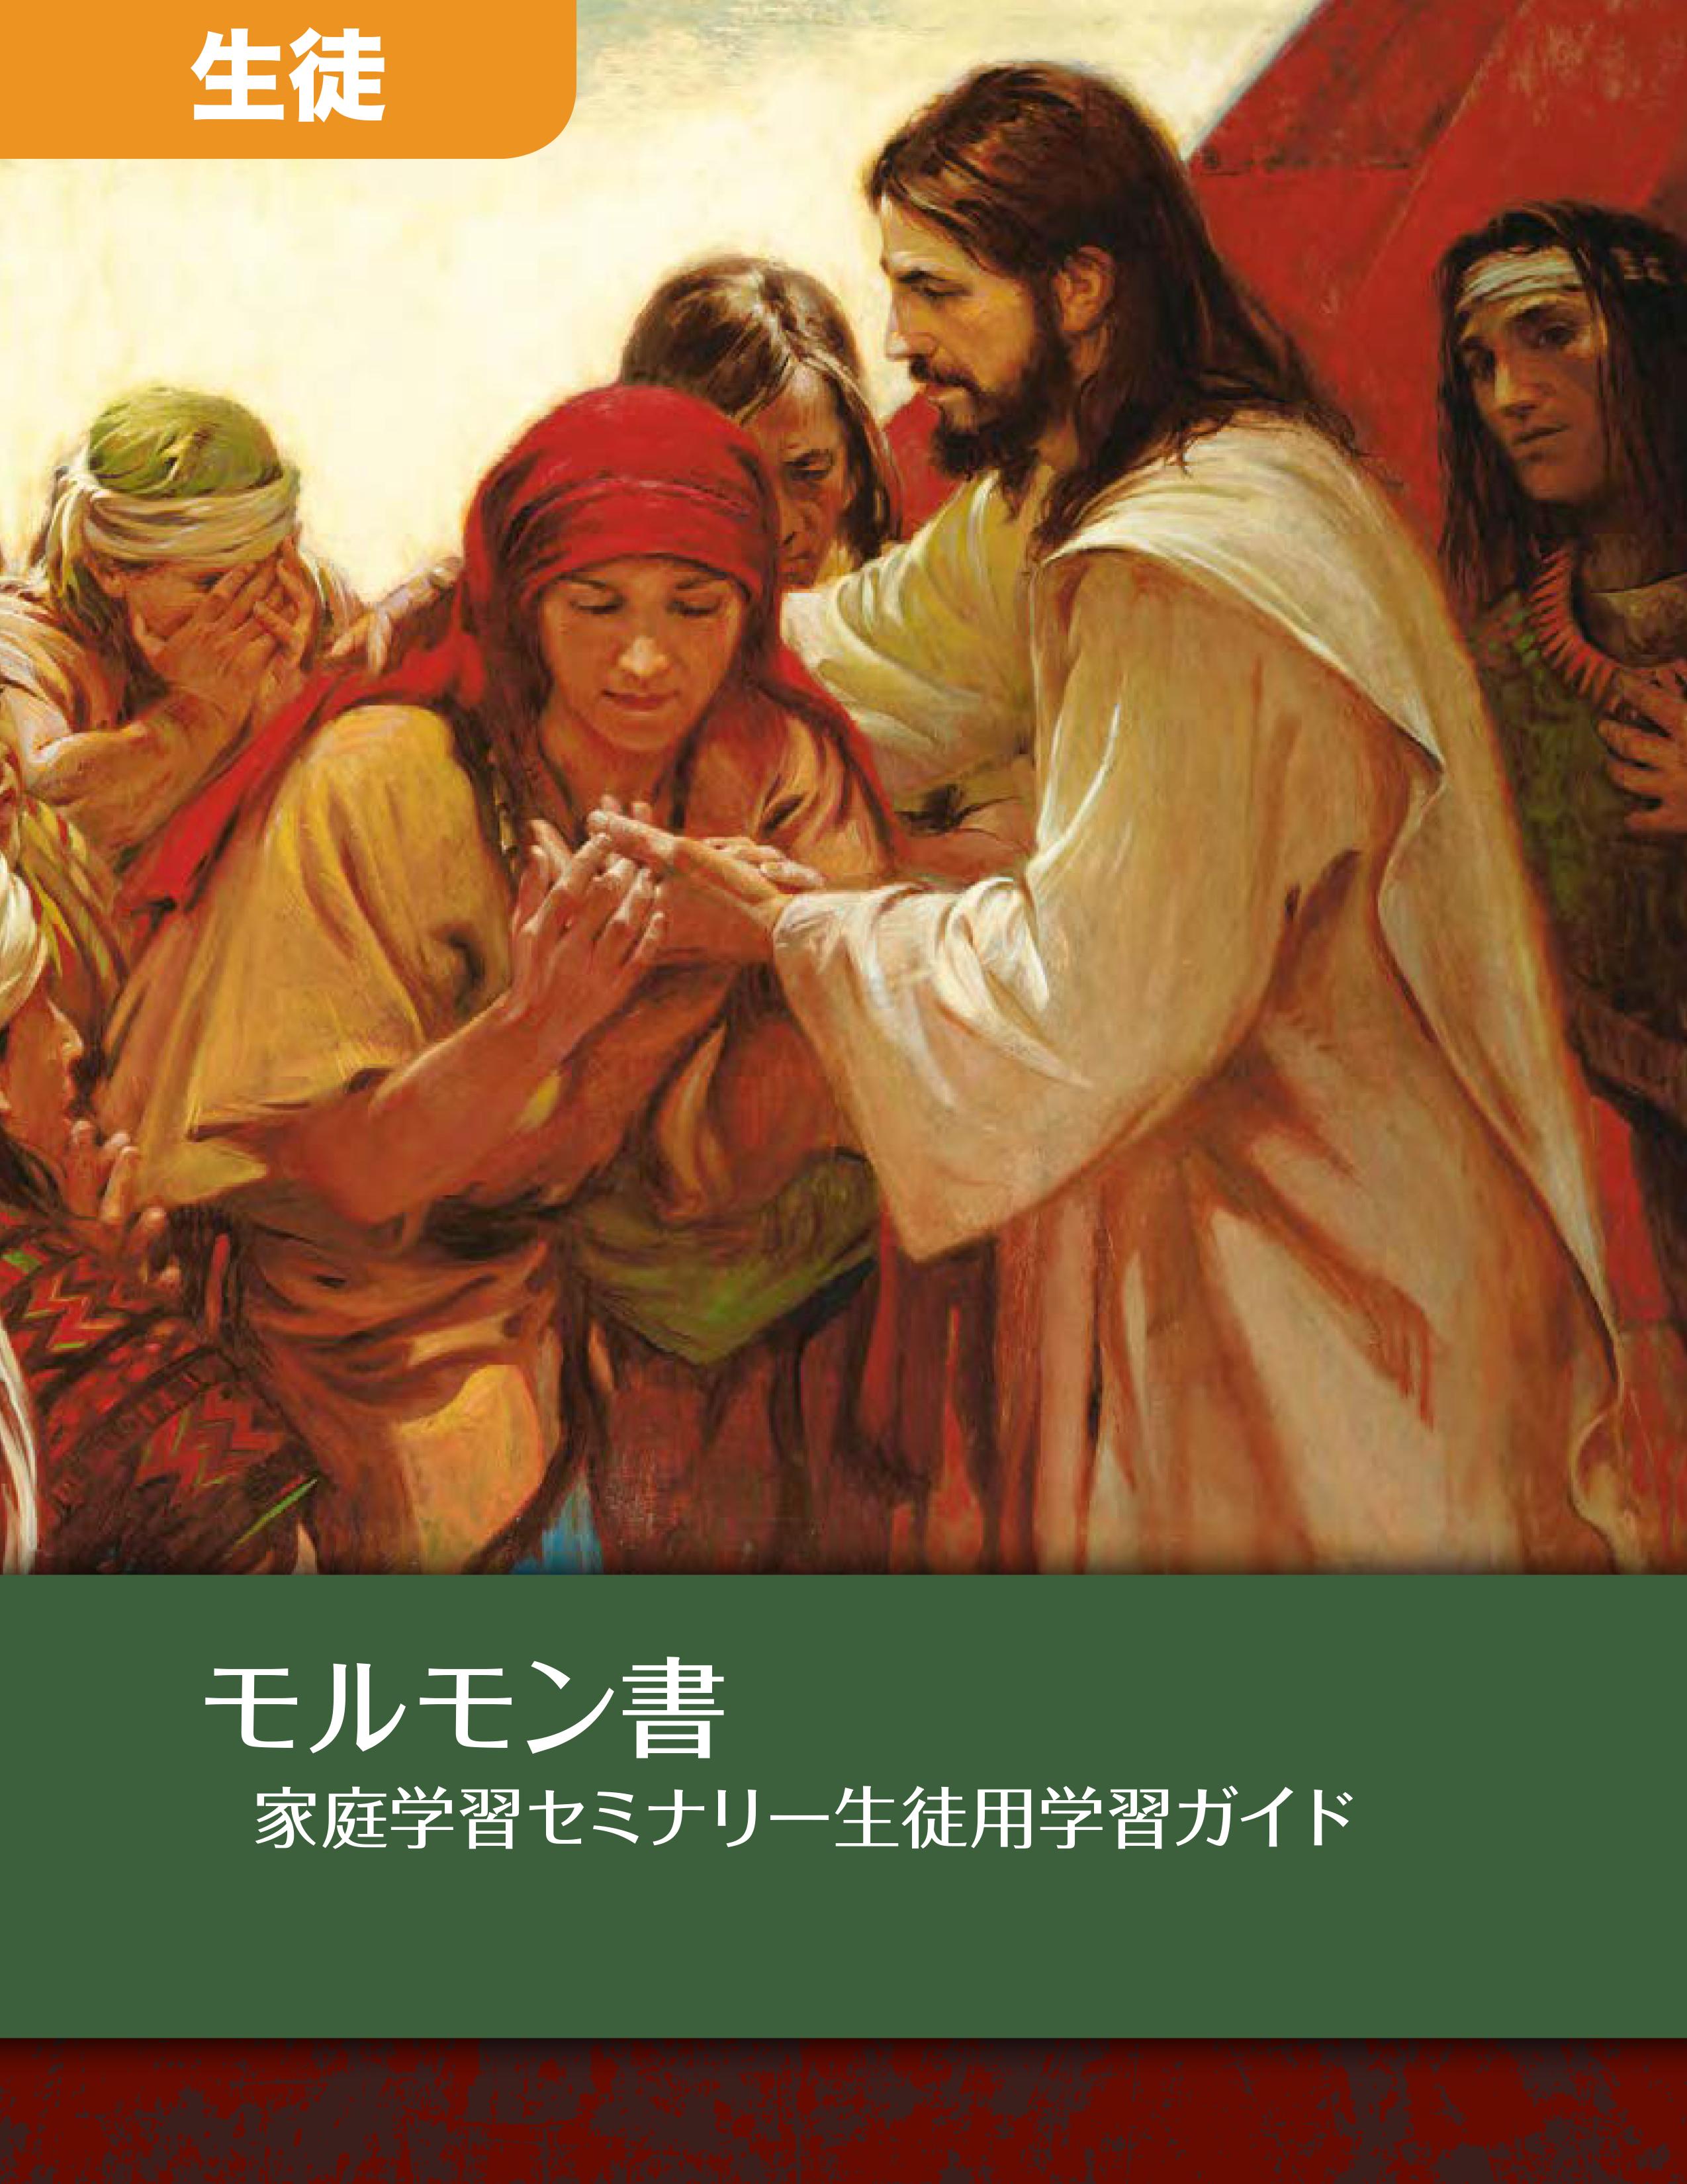 『旧約聖書 家庭学習セミナリー生徒用学習ガイド』